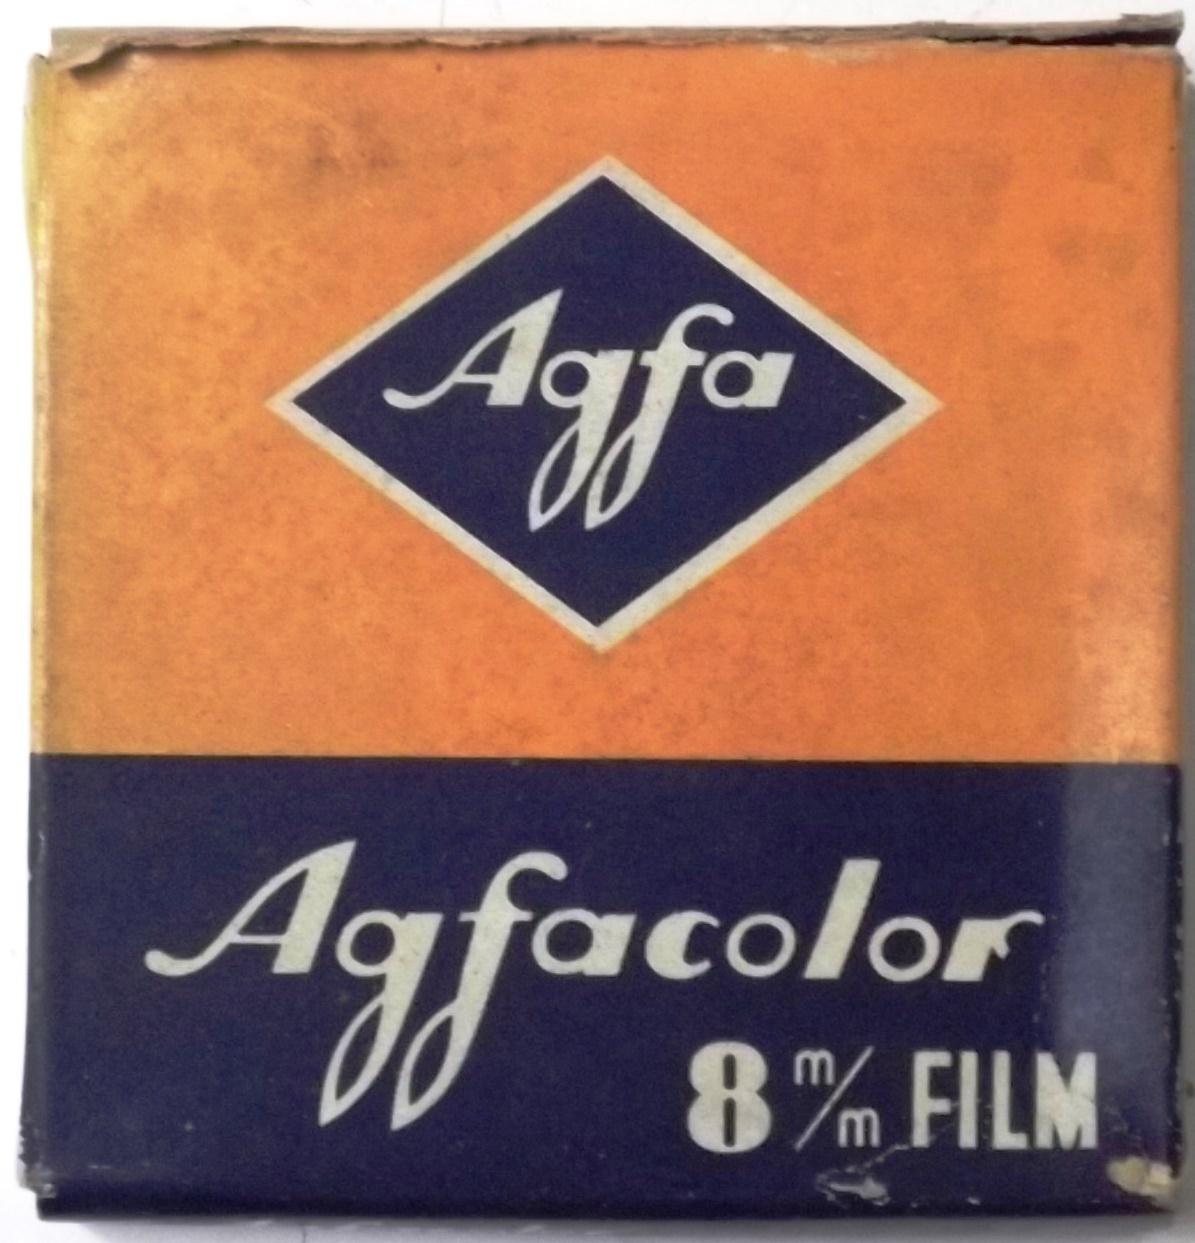 agfa_001.jpg